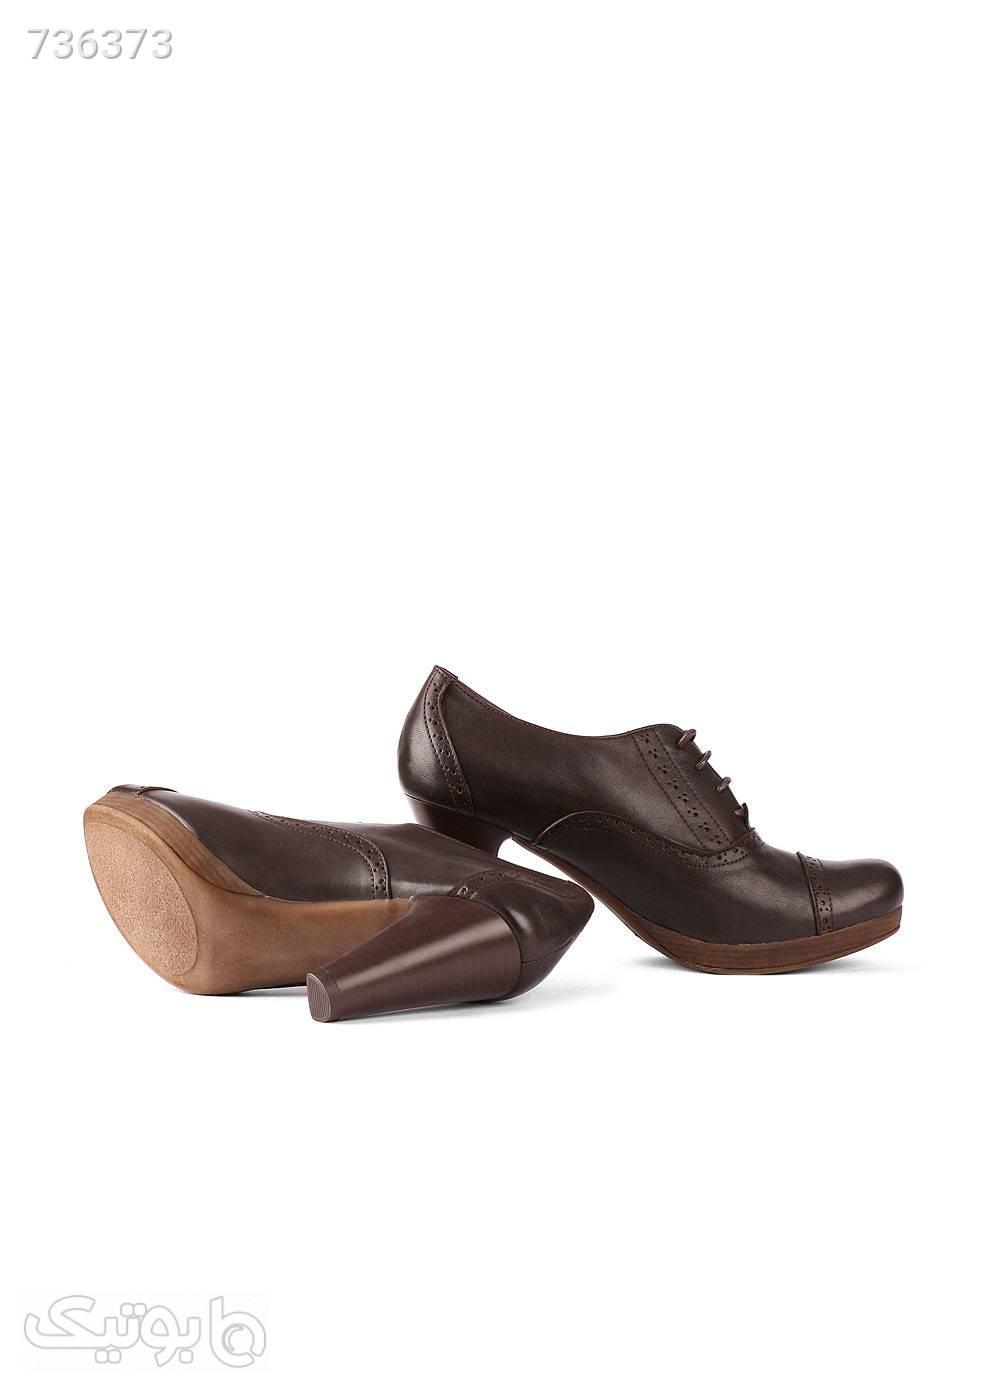 کفش زنانه مدل ۲۴۰ قهوه ای كفش پاشنه بلند زنانه